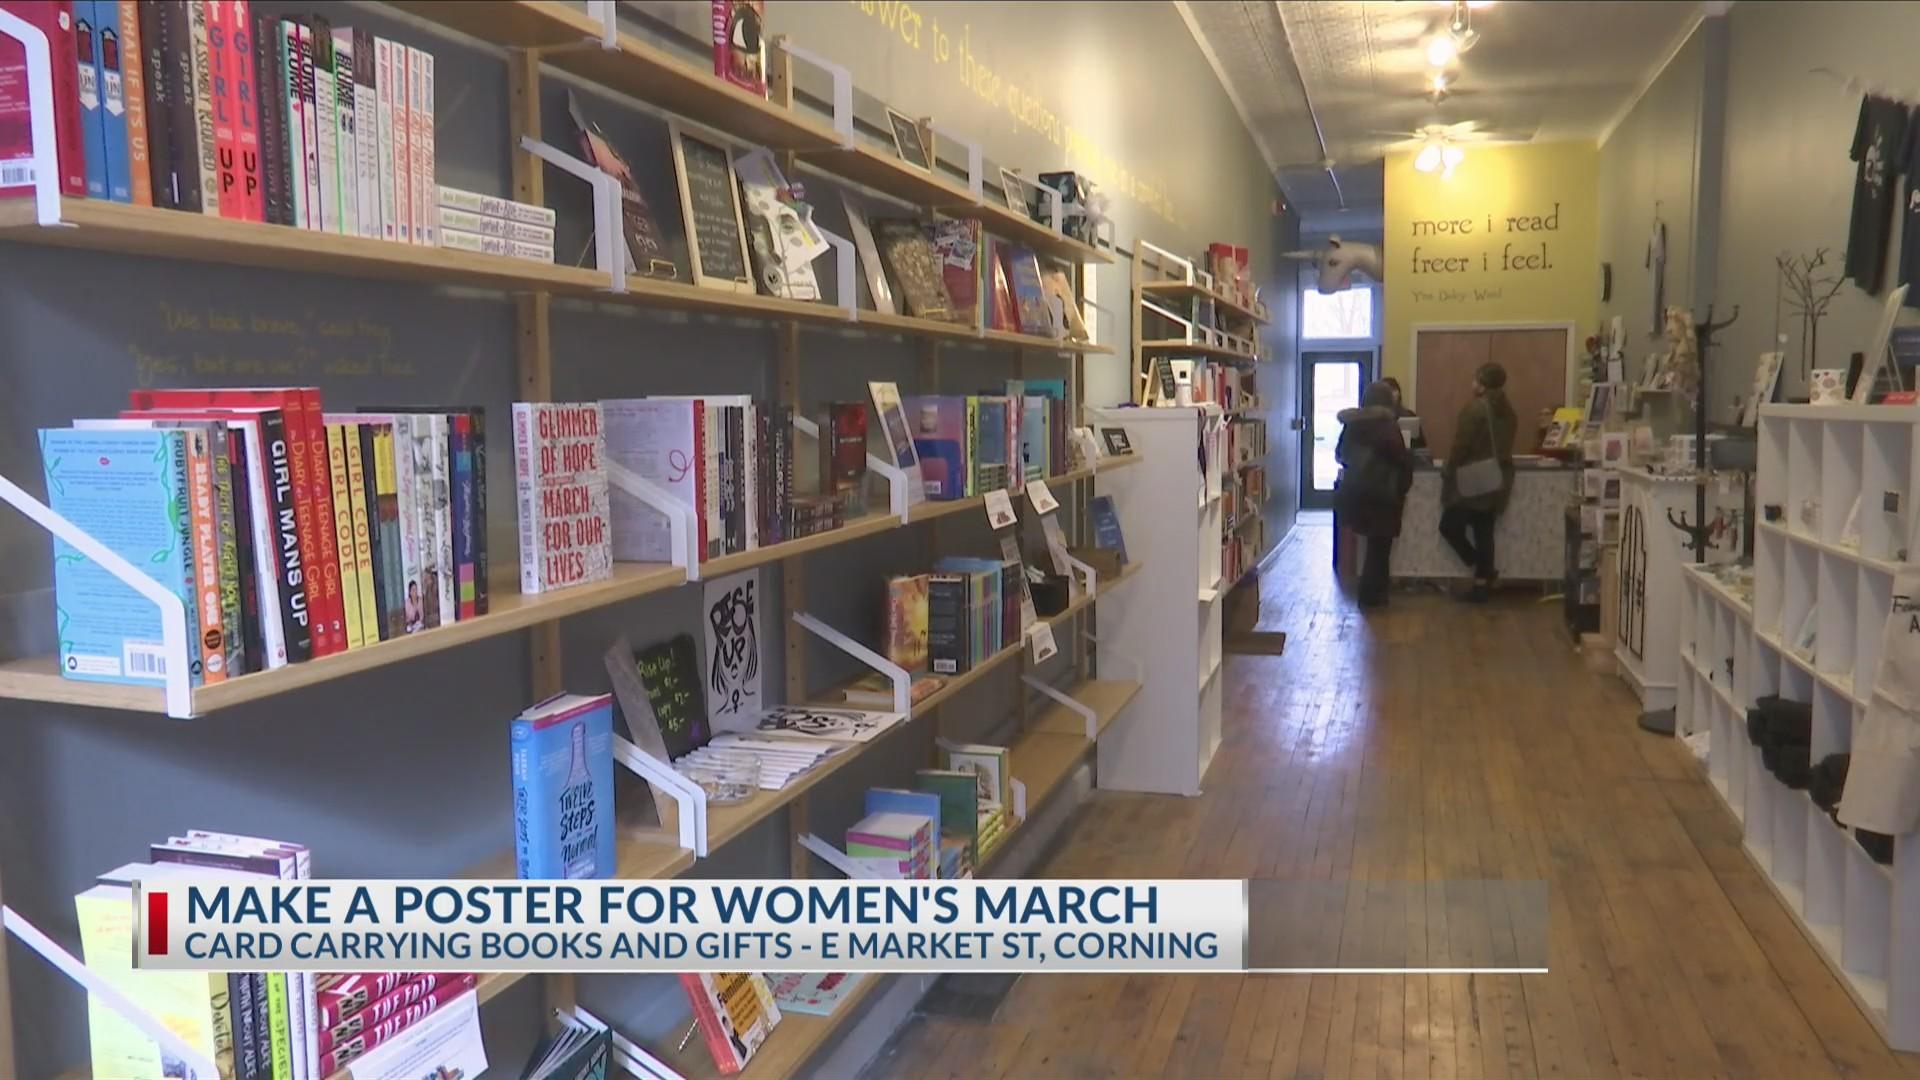 Elmira_Women_s_March_poster_making_event_0_20190116224929